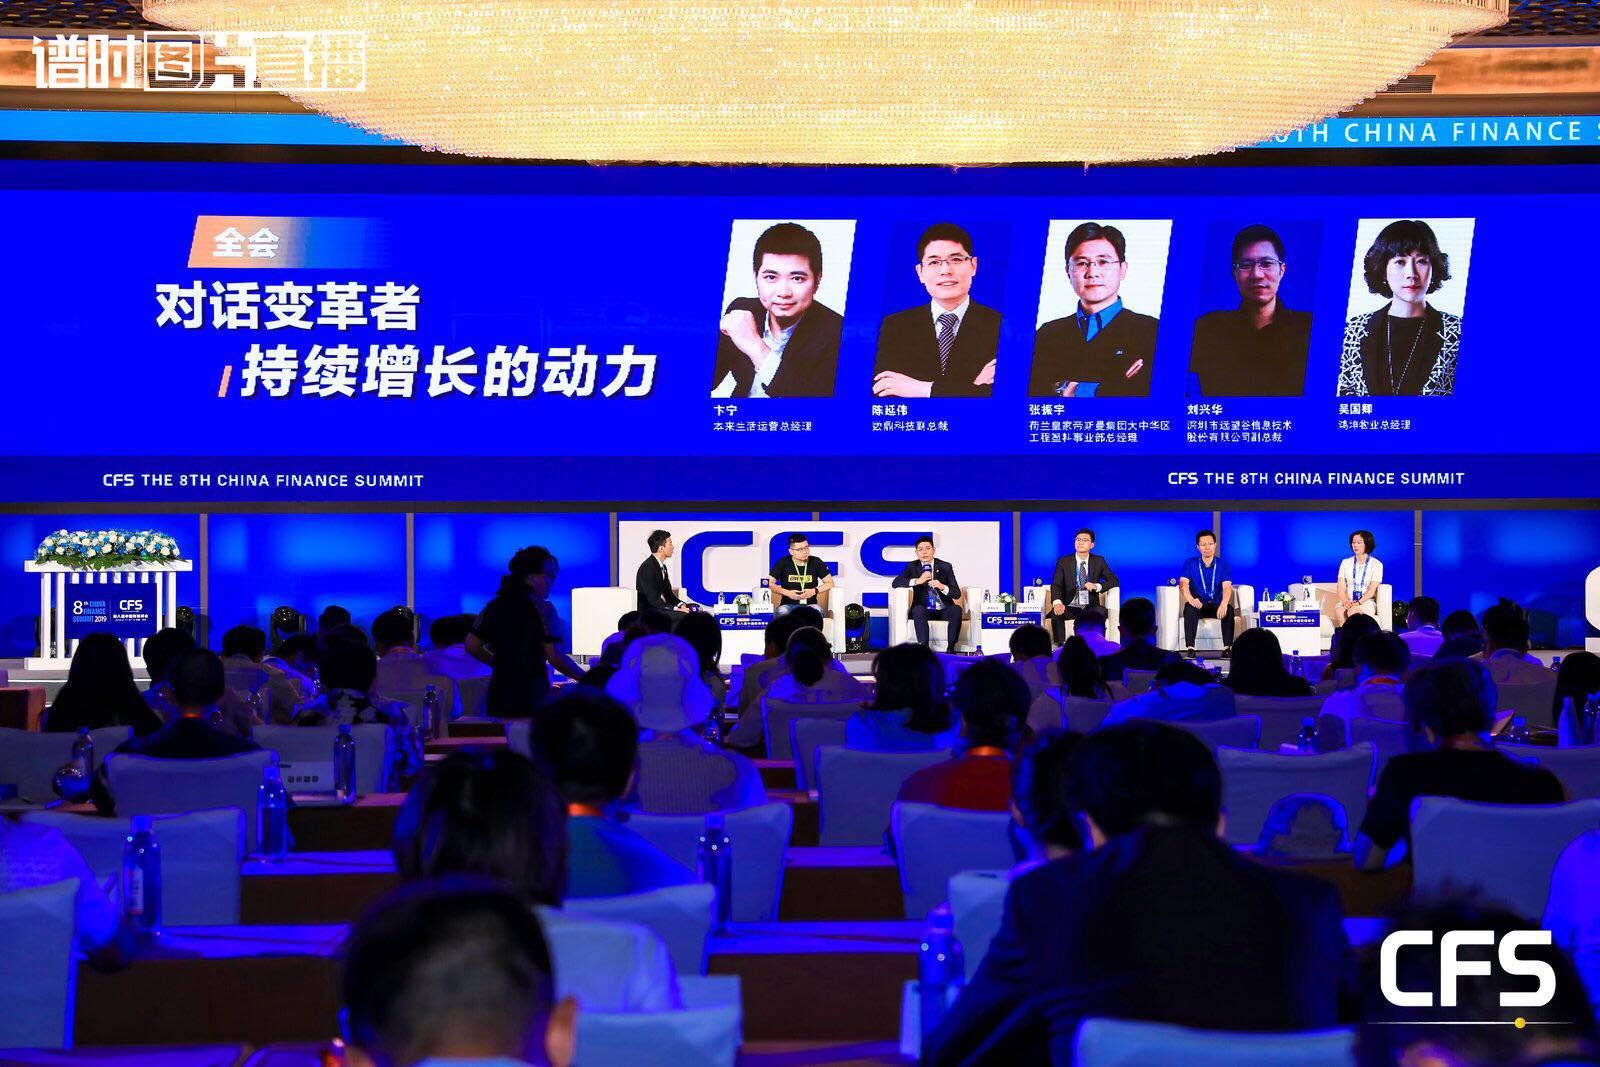 2019第八届中国财经峰会闭幕 图为论坛现场